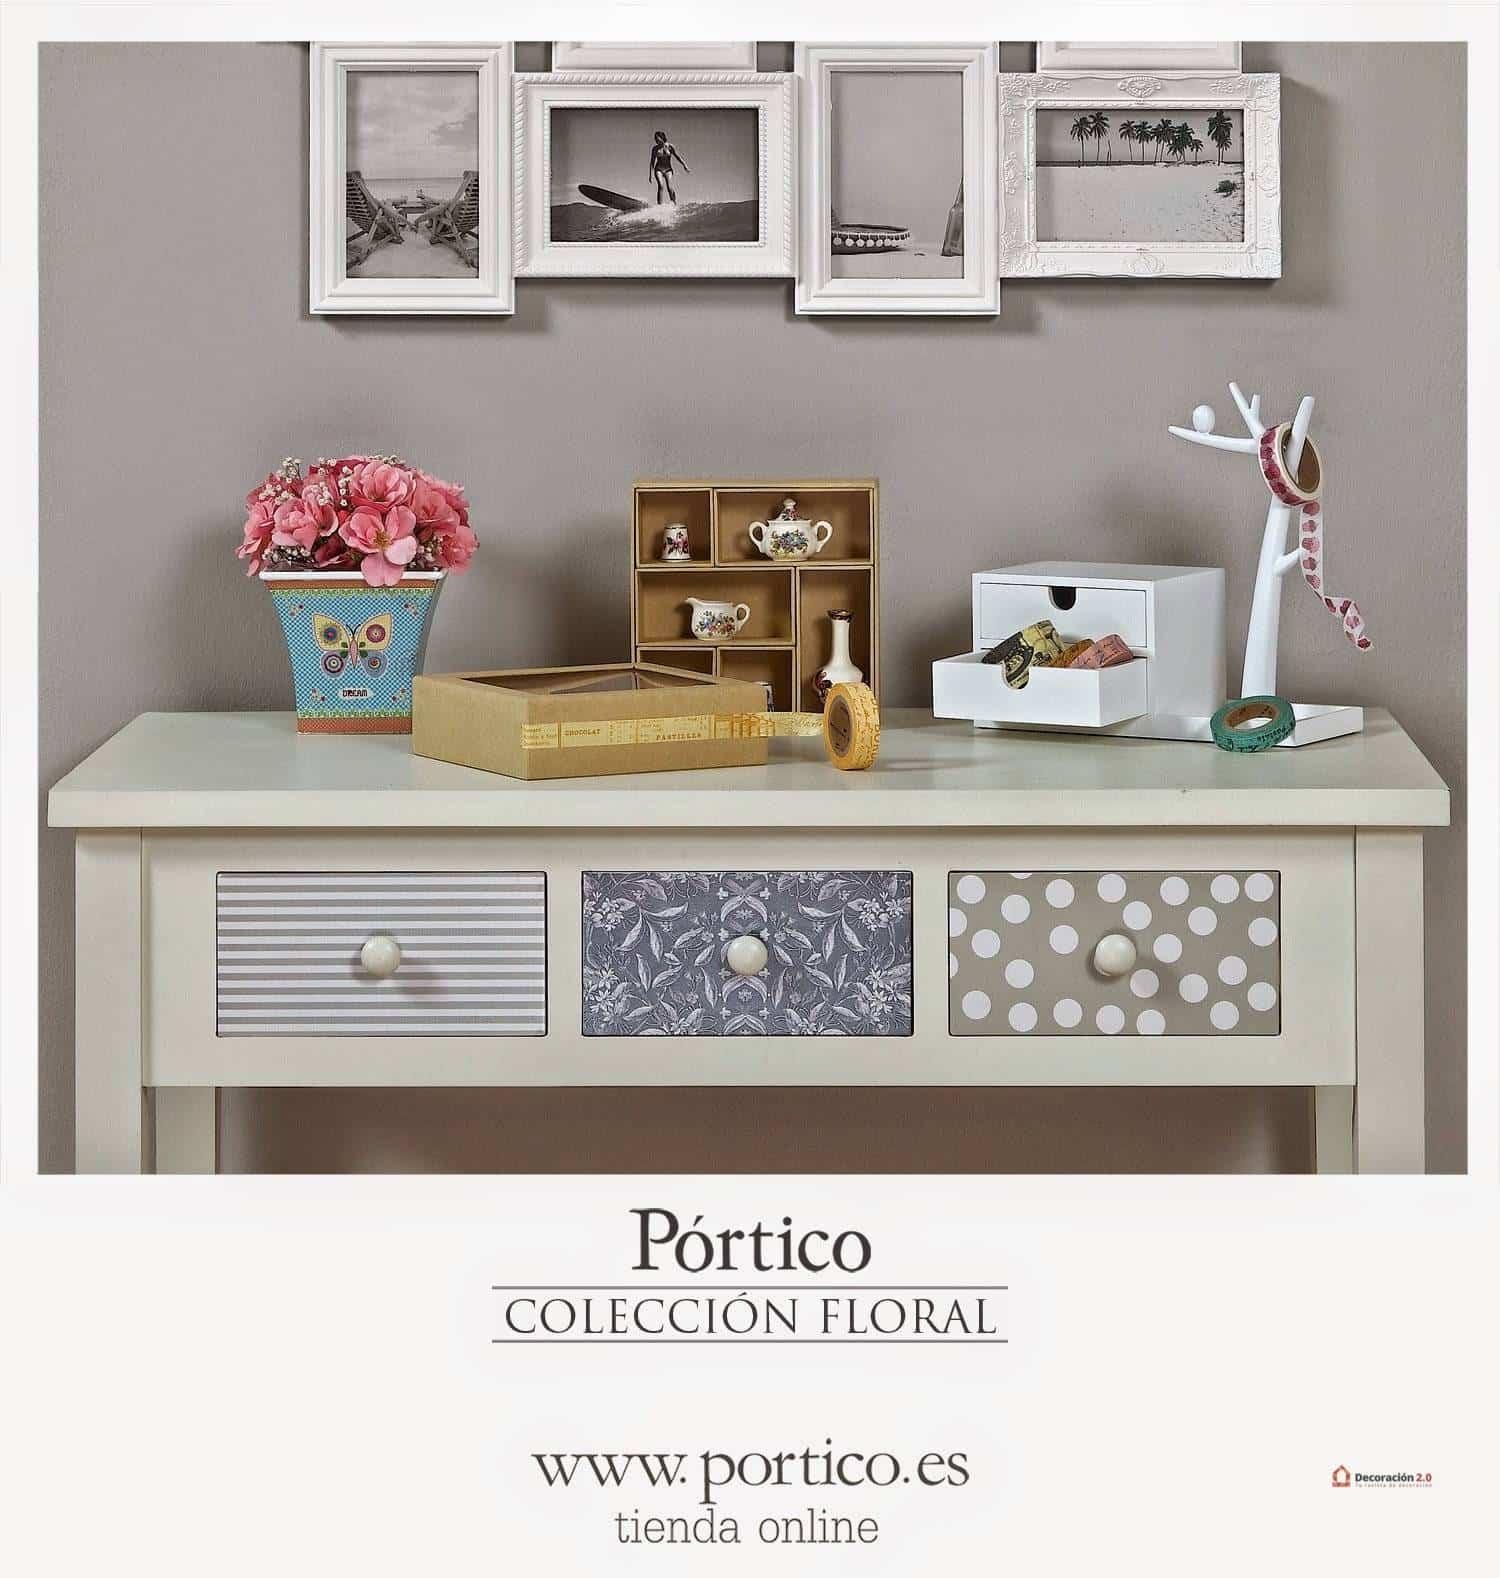 P rtico muebles y decoraci n galer a de fotograf as de b sicos - Muebles portico ...